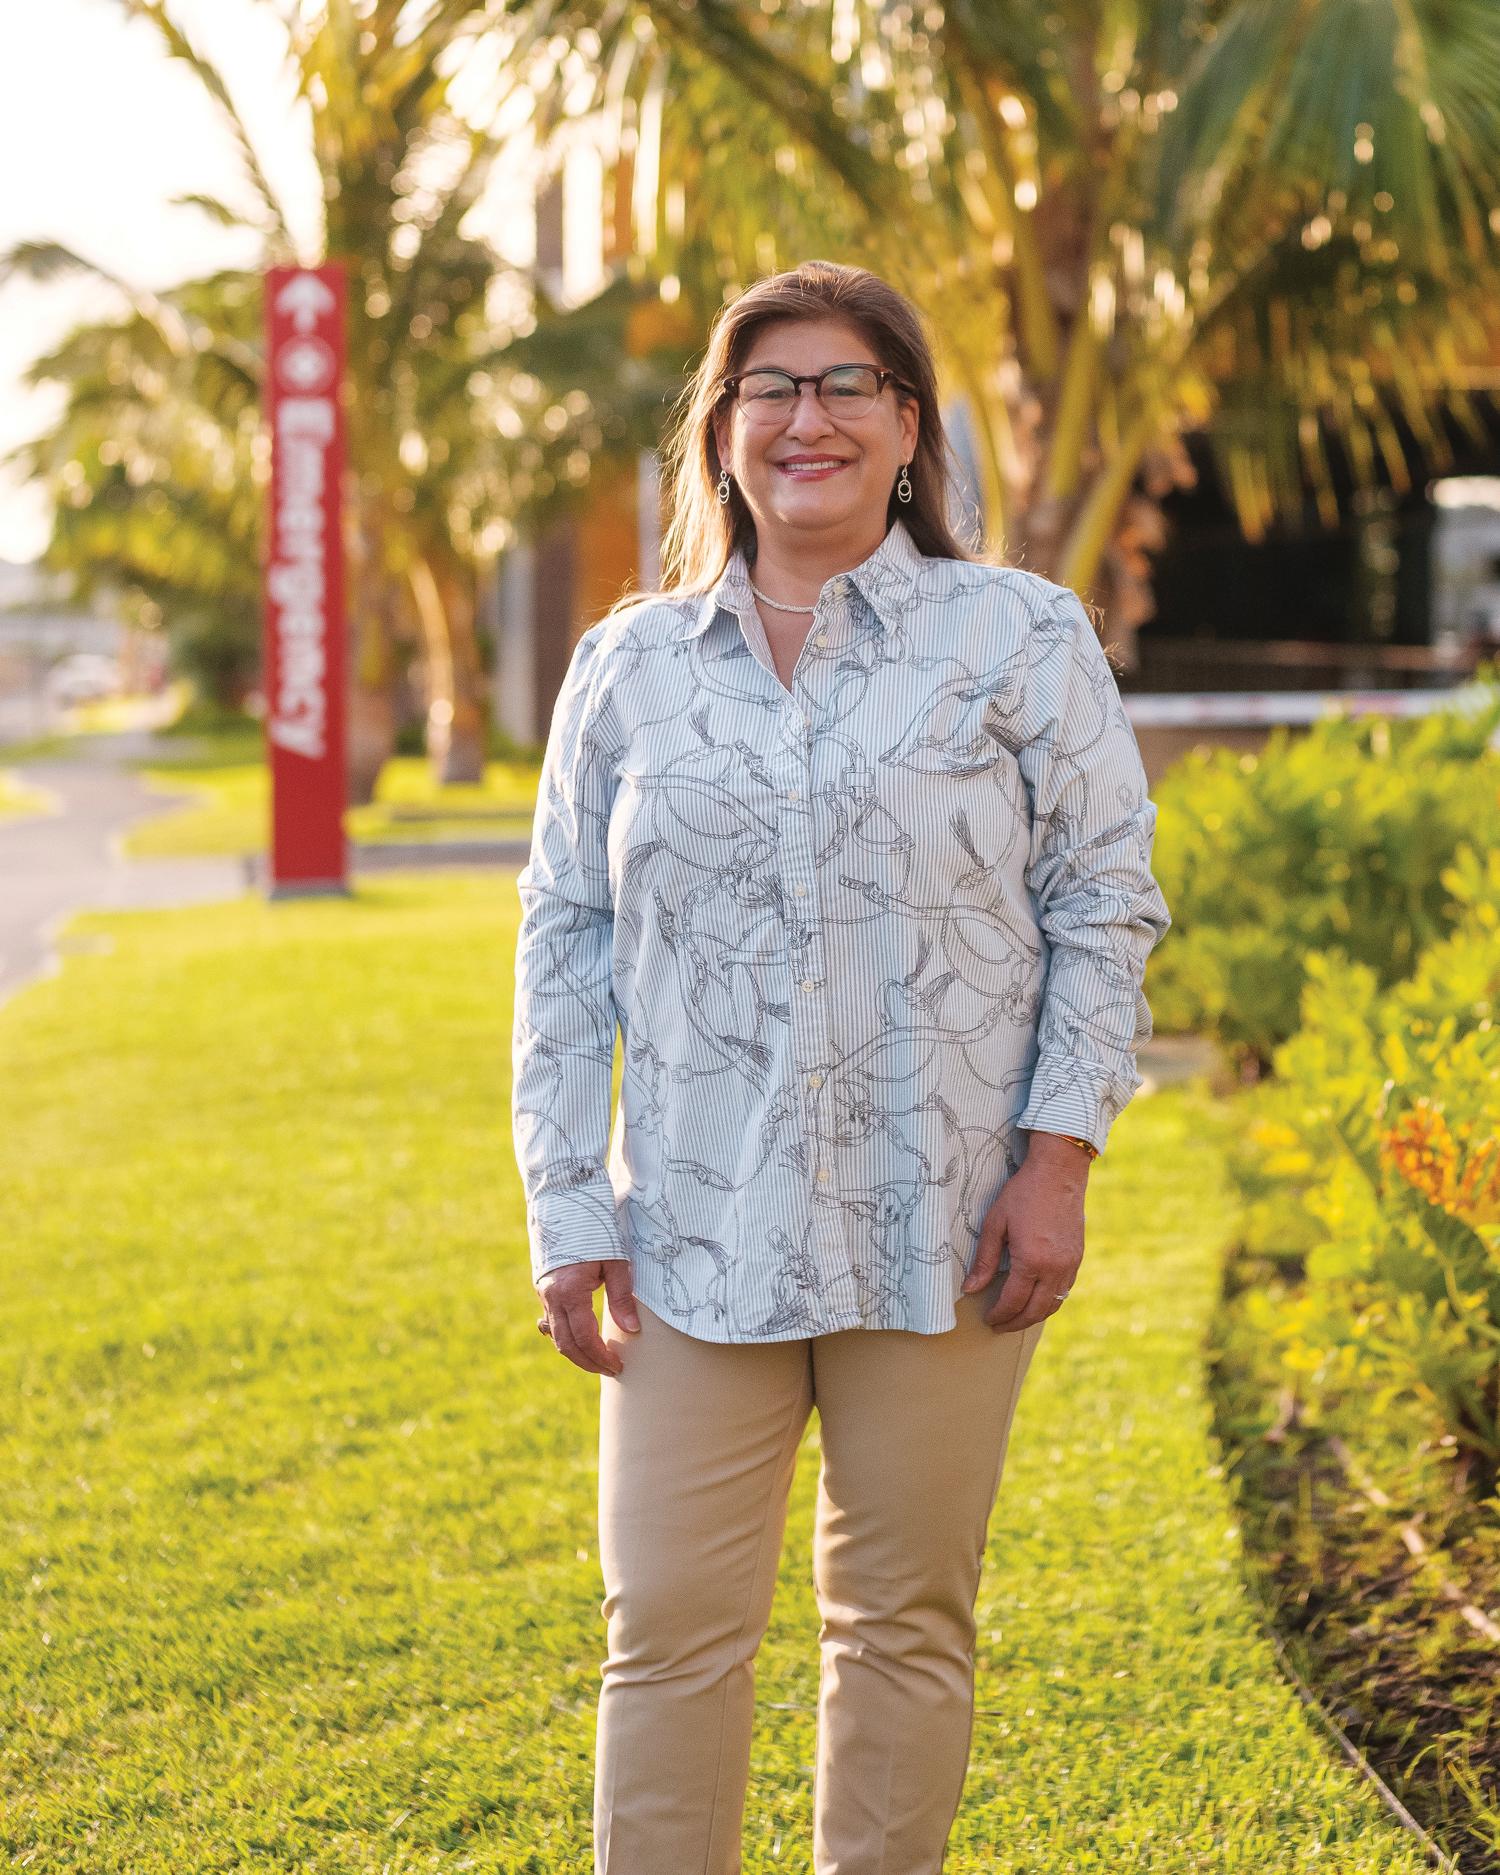 2020 Women Of Distinction Dr Celia Dominguez